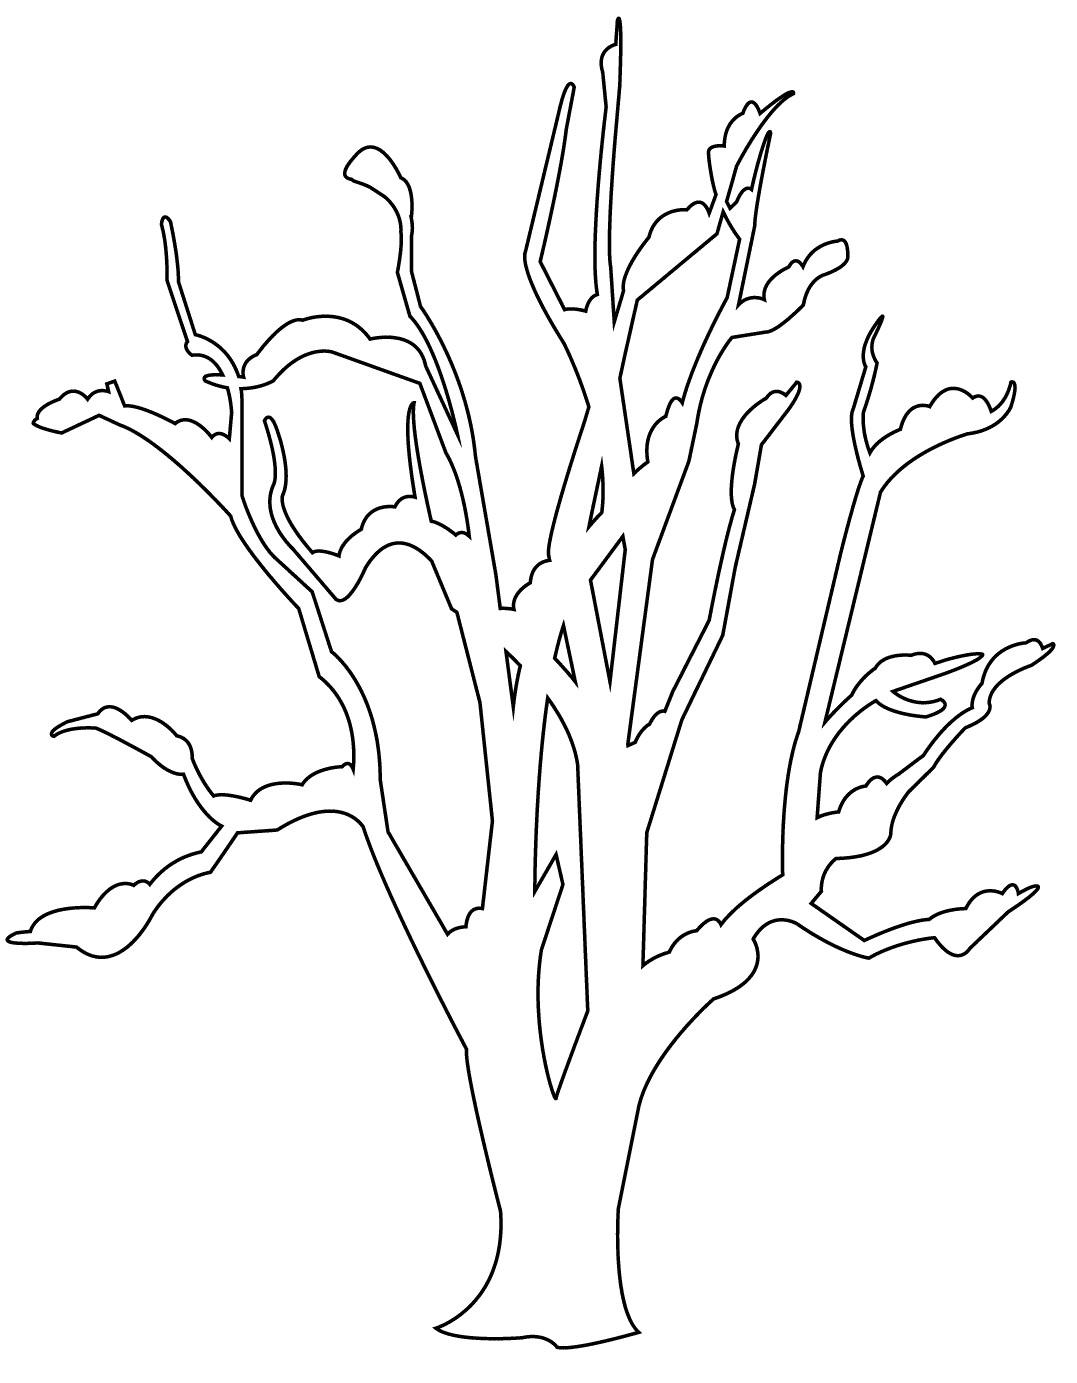 Mewarnai Gambar Pohon Jahe